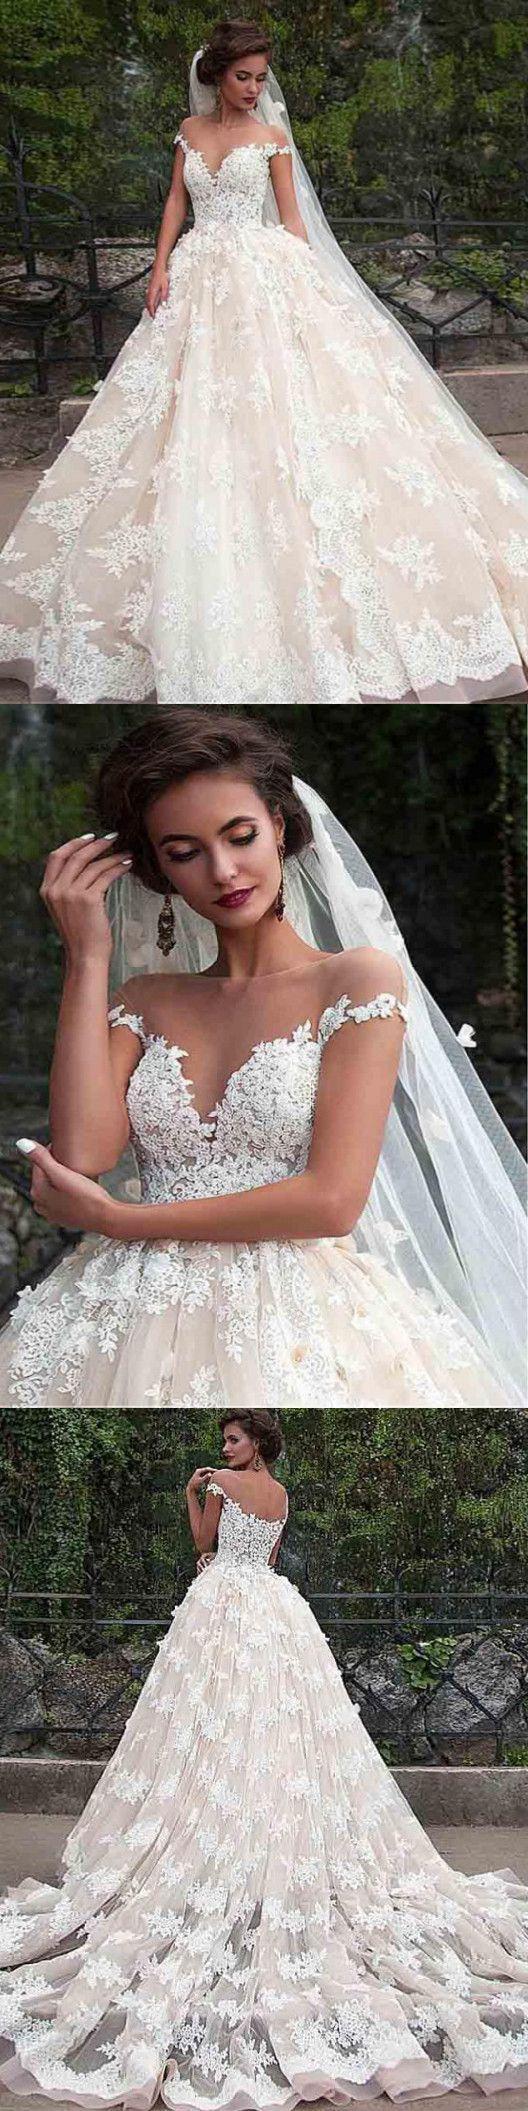 Brautkleider Spitze, Brautkleider Vintage, Brautkleider einfach, bescheidene Hochzei … – New Ideas